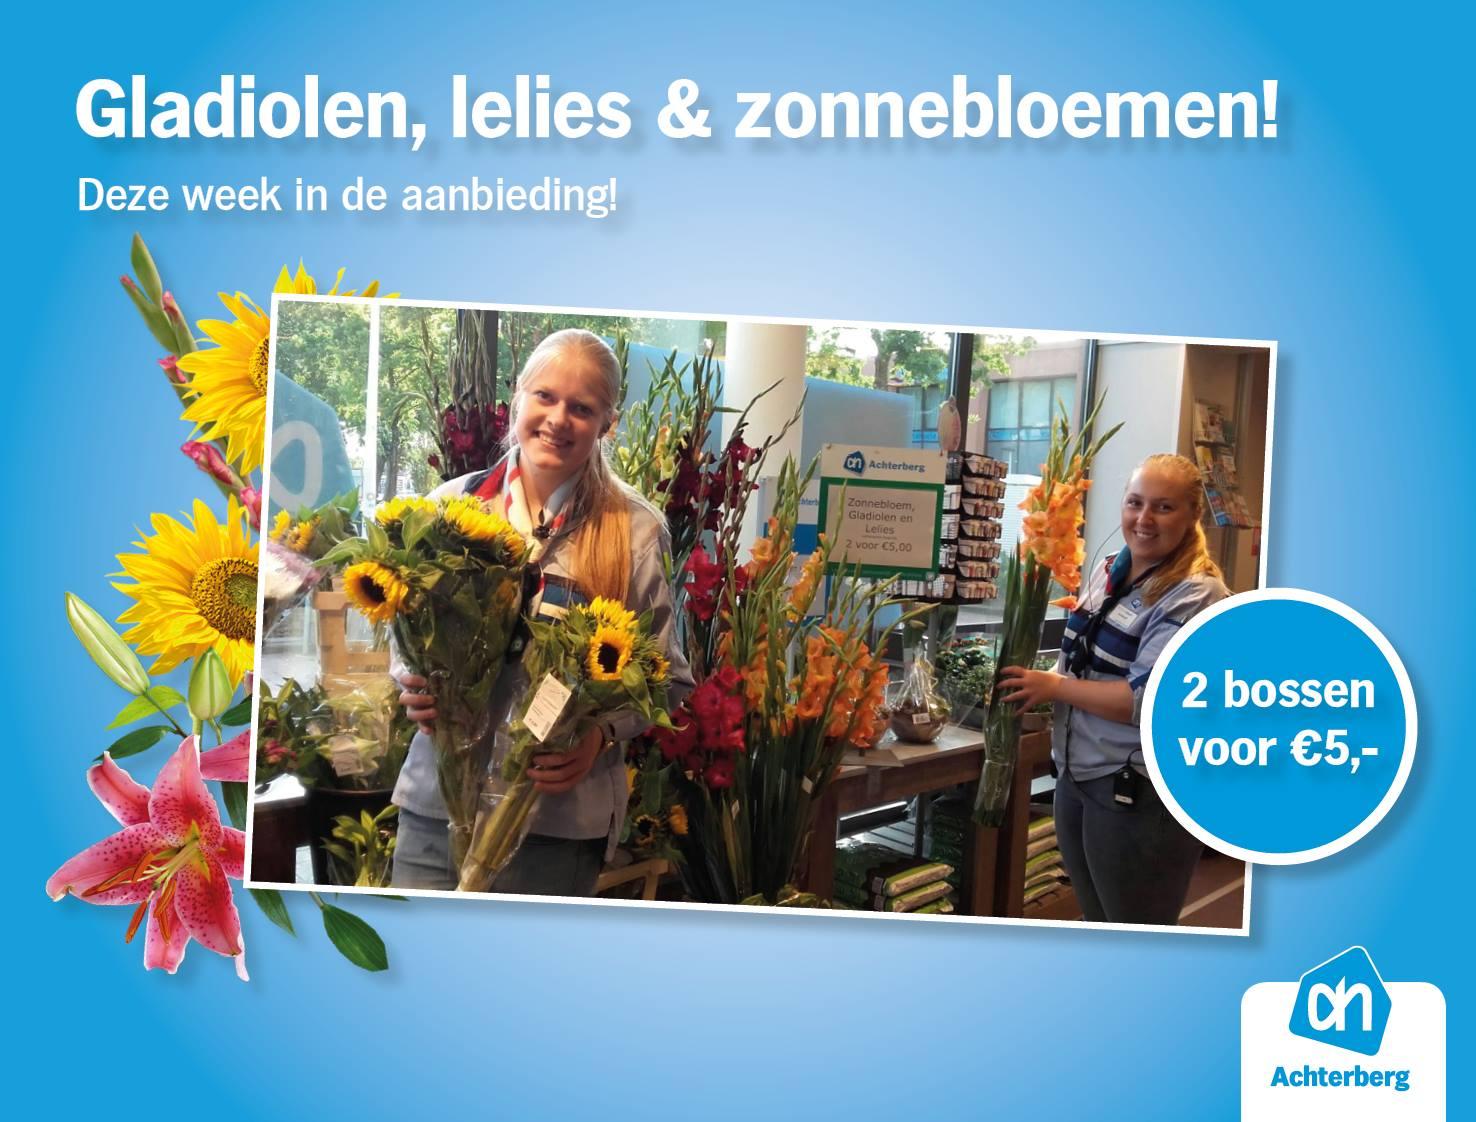 Prachtige gladiolen, lelies en zonnebloemen!